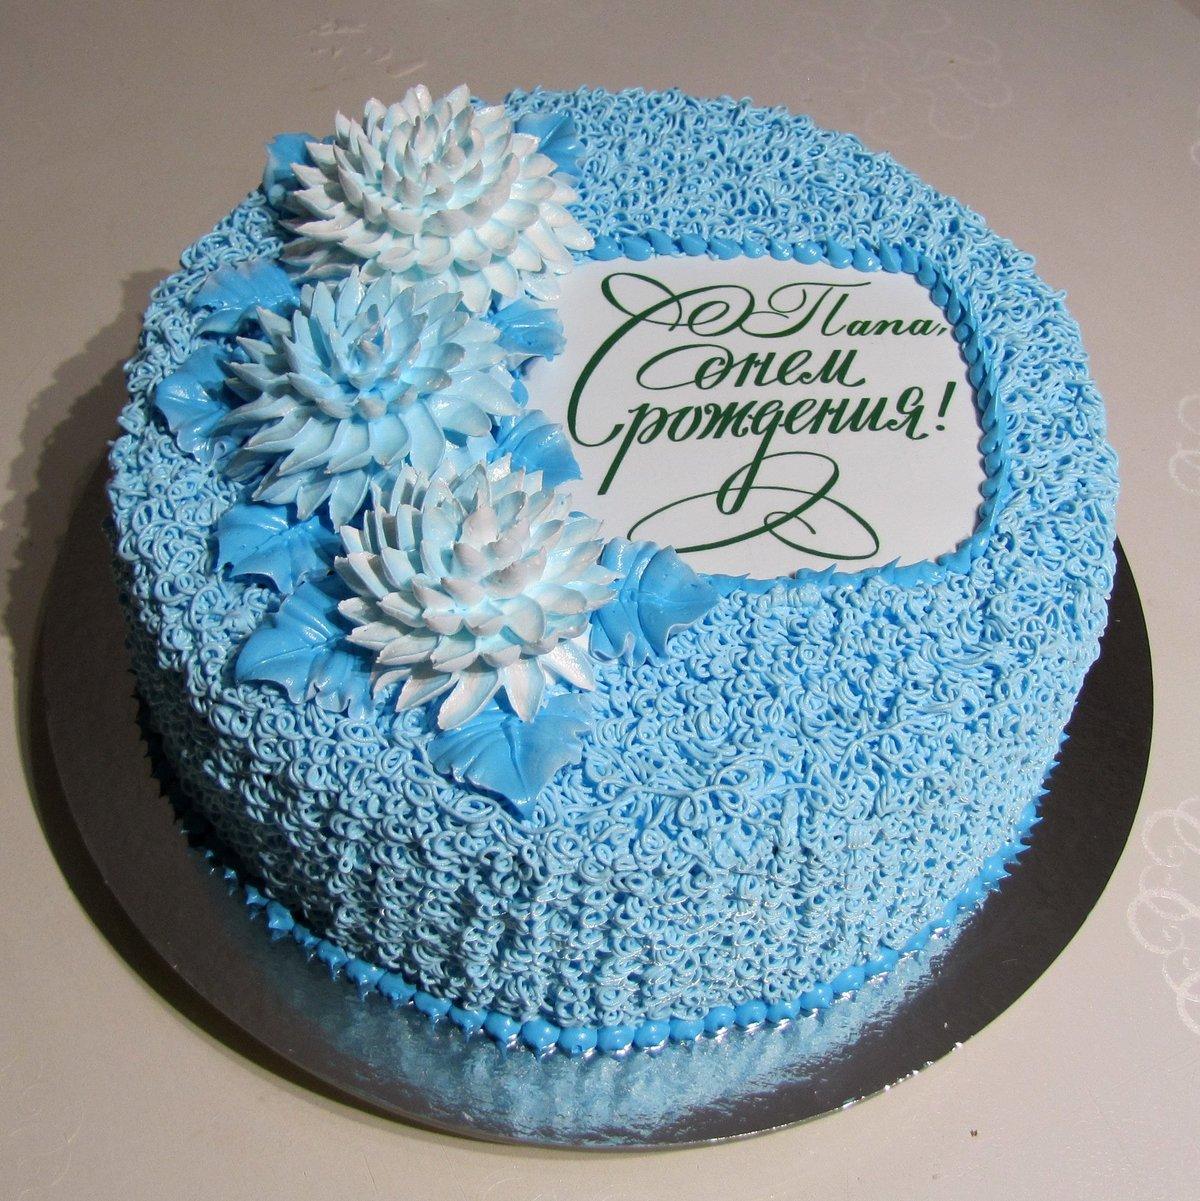 фото торта из сливок для директора нас сайте можете